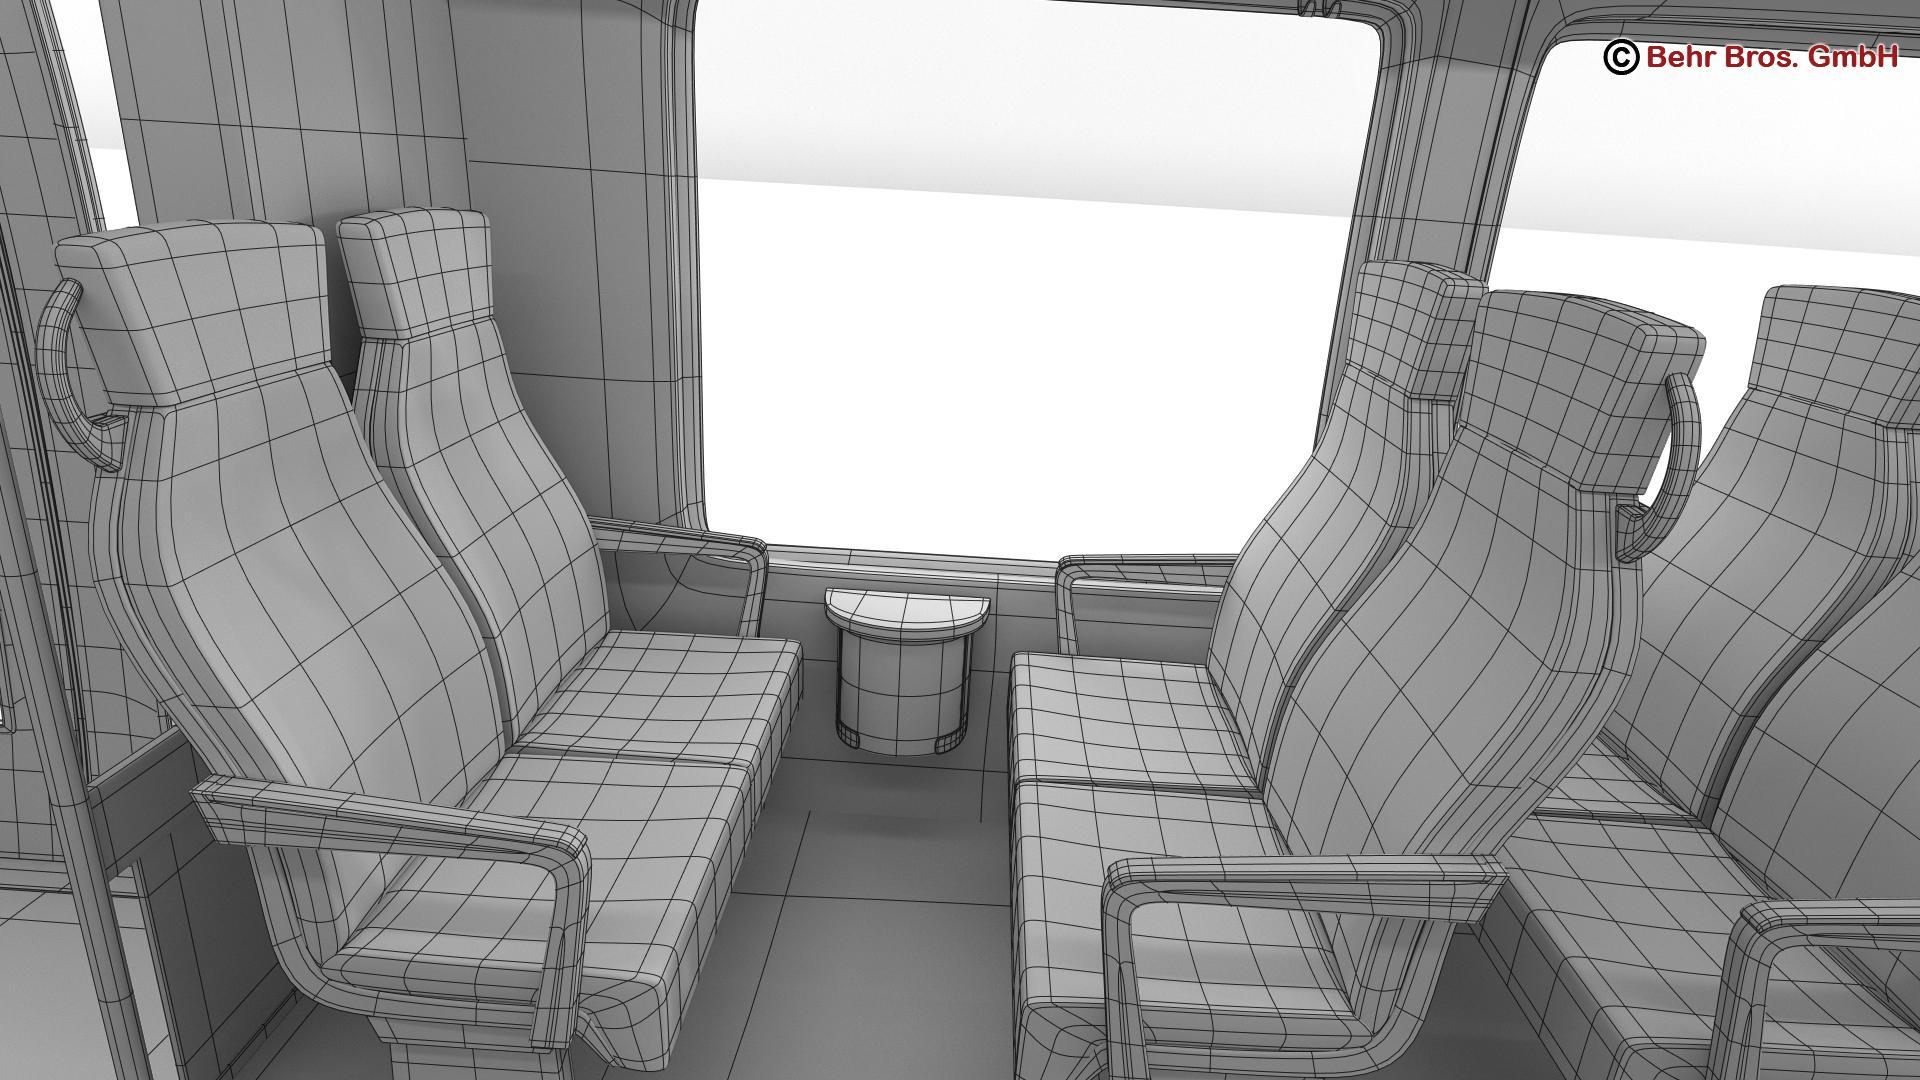 generic commuter train 3d model 3ds max fbx c4d ma mb obj 206655